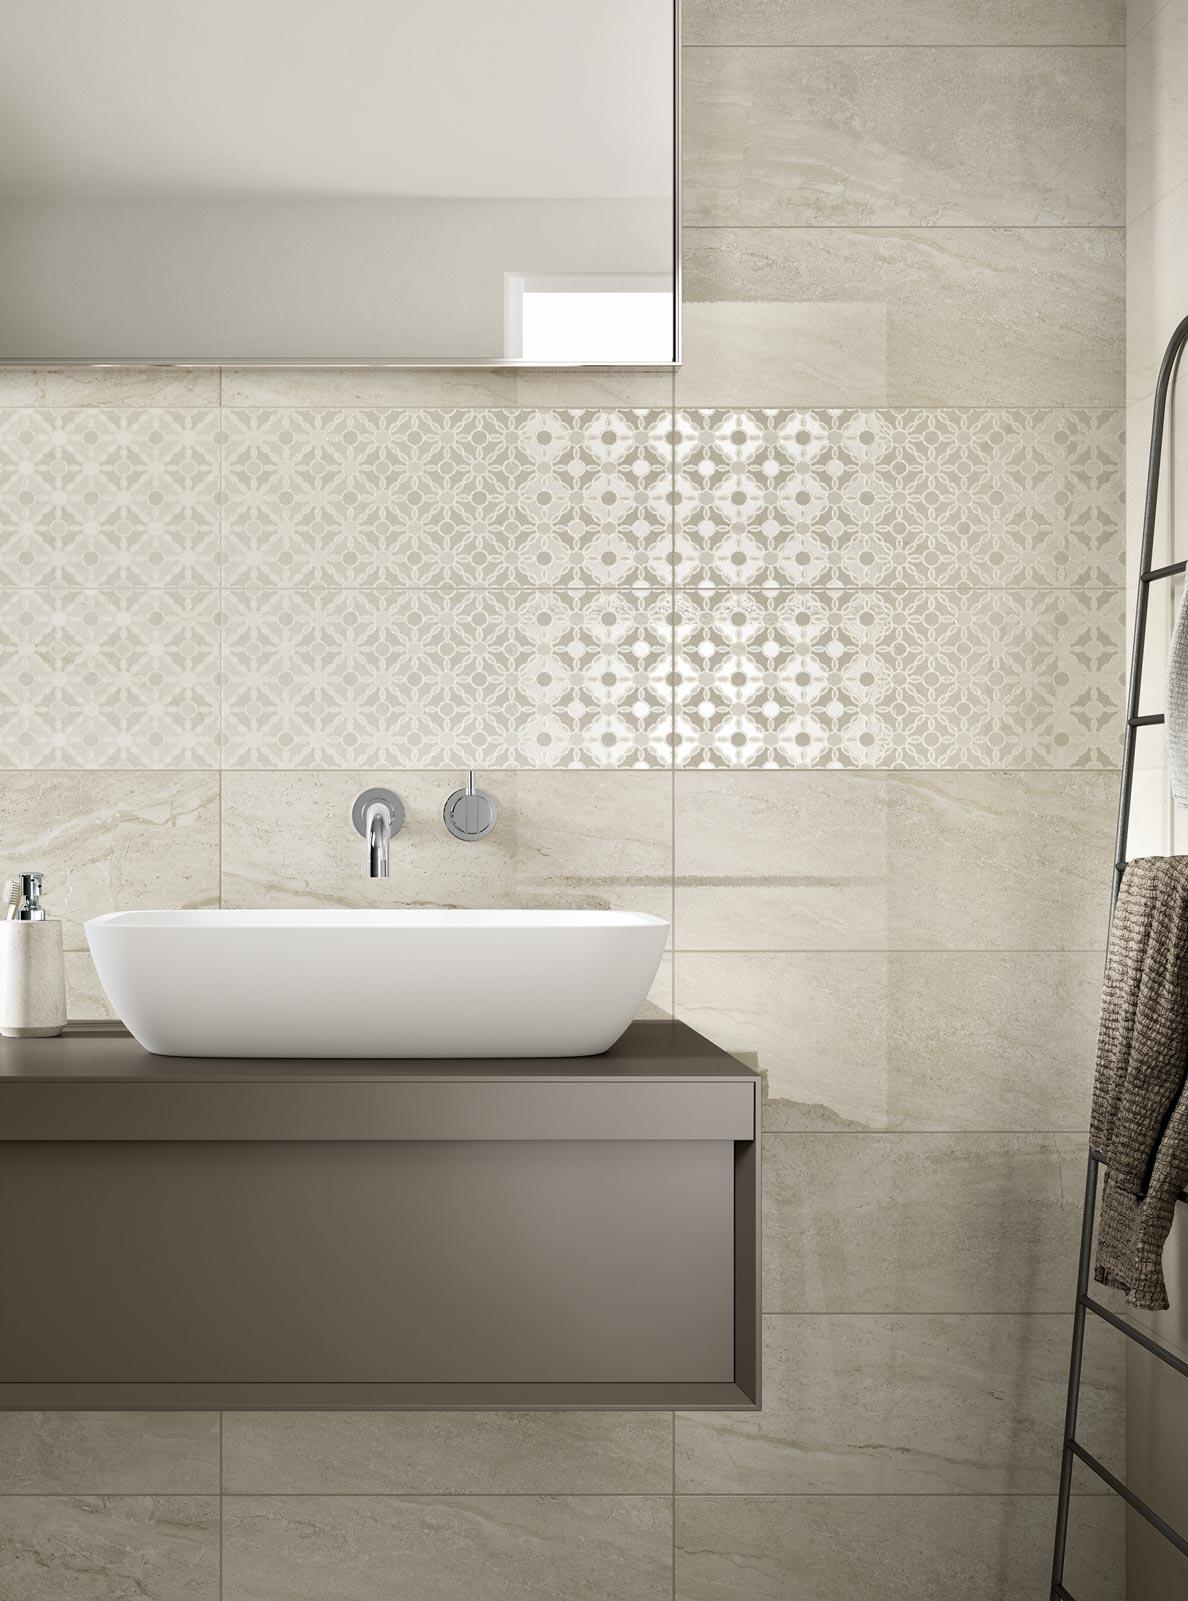 Collezione grace piastrelle in ceramica per il tuo bagno ragno - Bucare piastrelle bagno ...